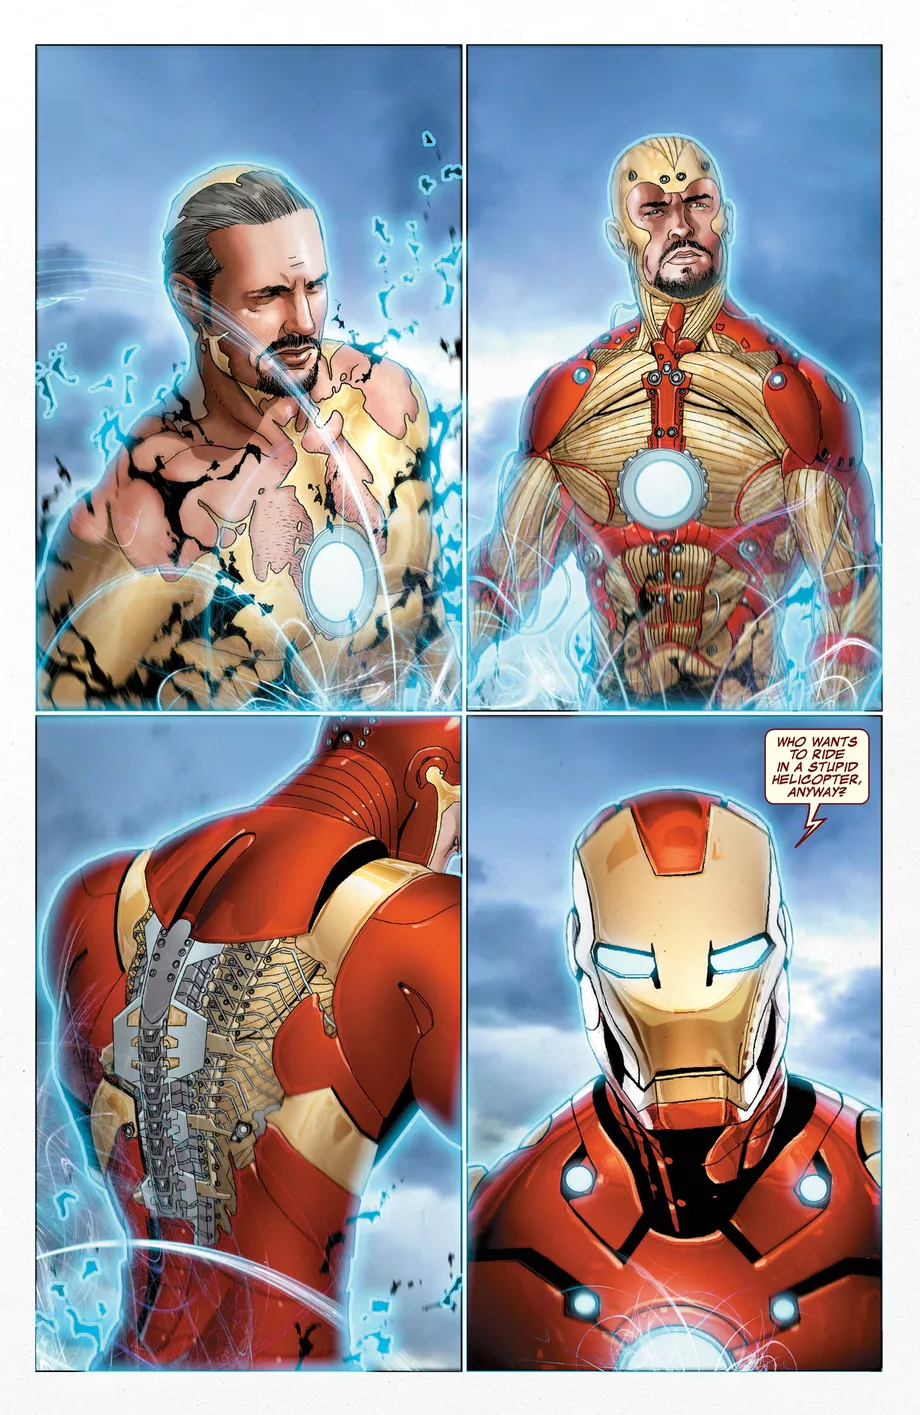 Lý giải về công nghệ bộ giáp Iron Man lấy da bọc xương thần thánh trong Avengers: Infinity War - Ảnh 3.